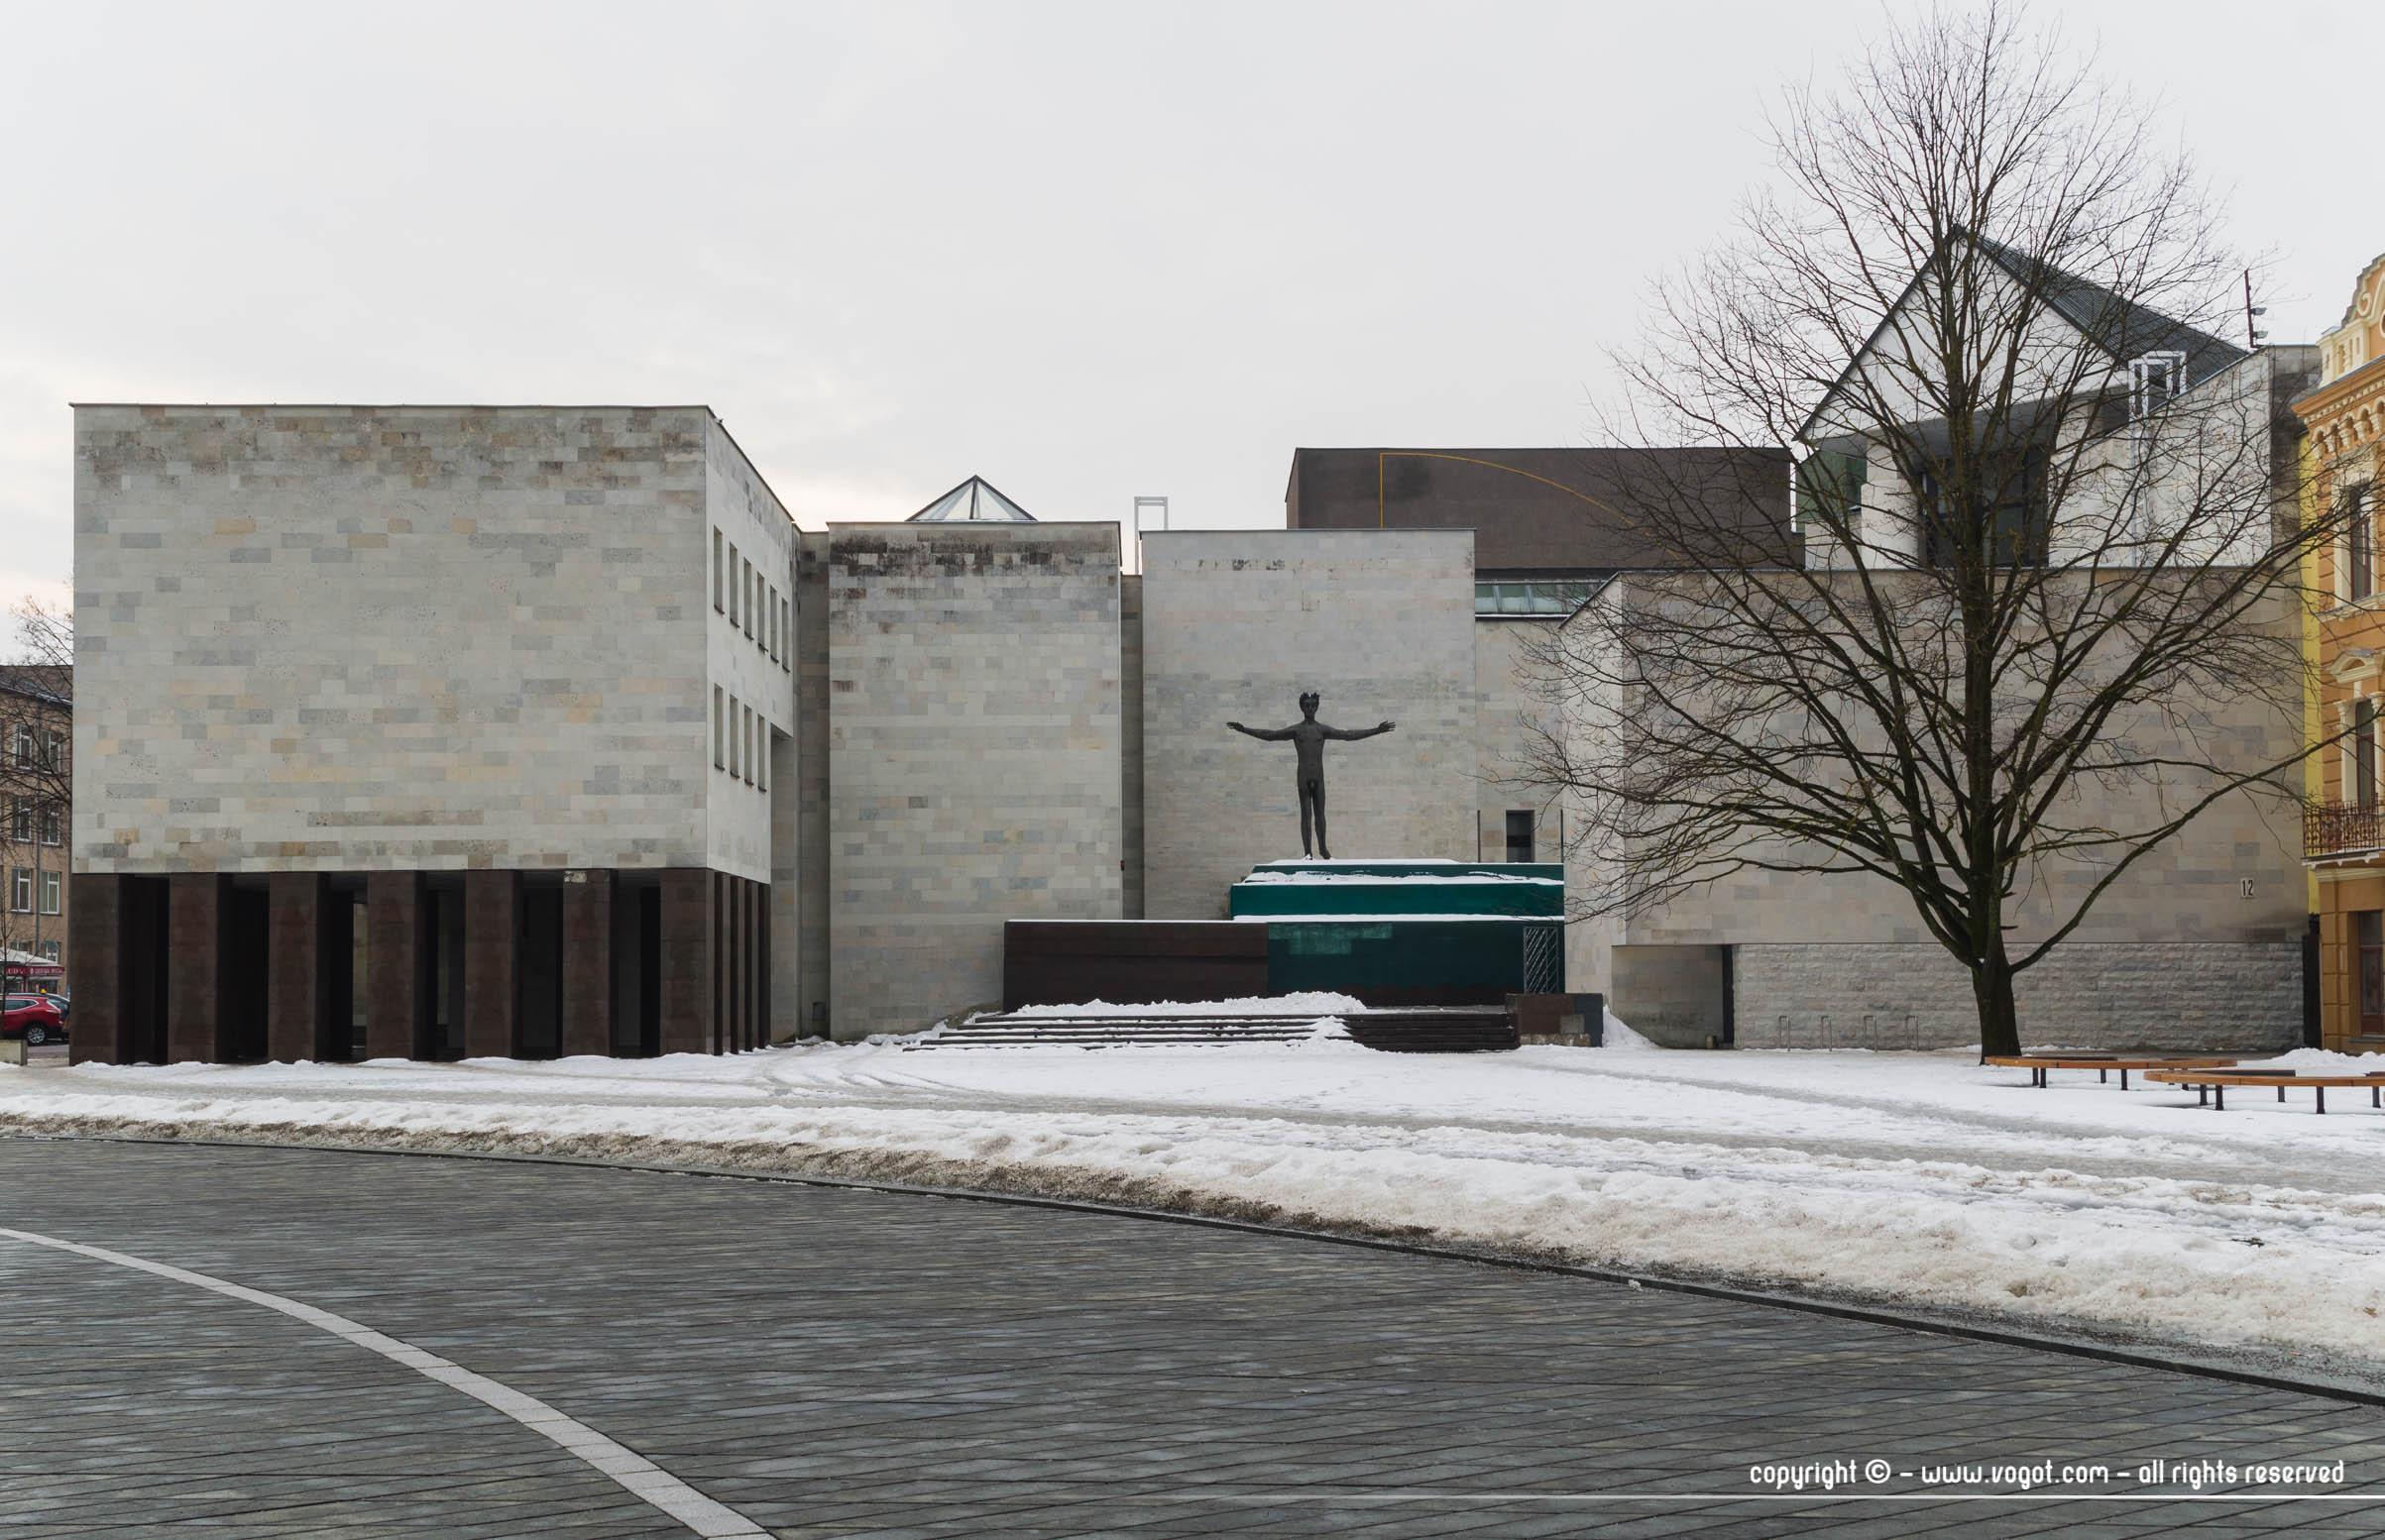 Une journée à Kaunas - Musée national d'art - architecture moderne